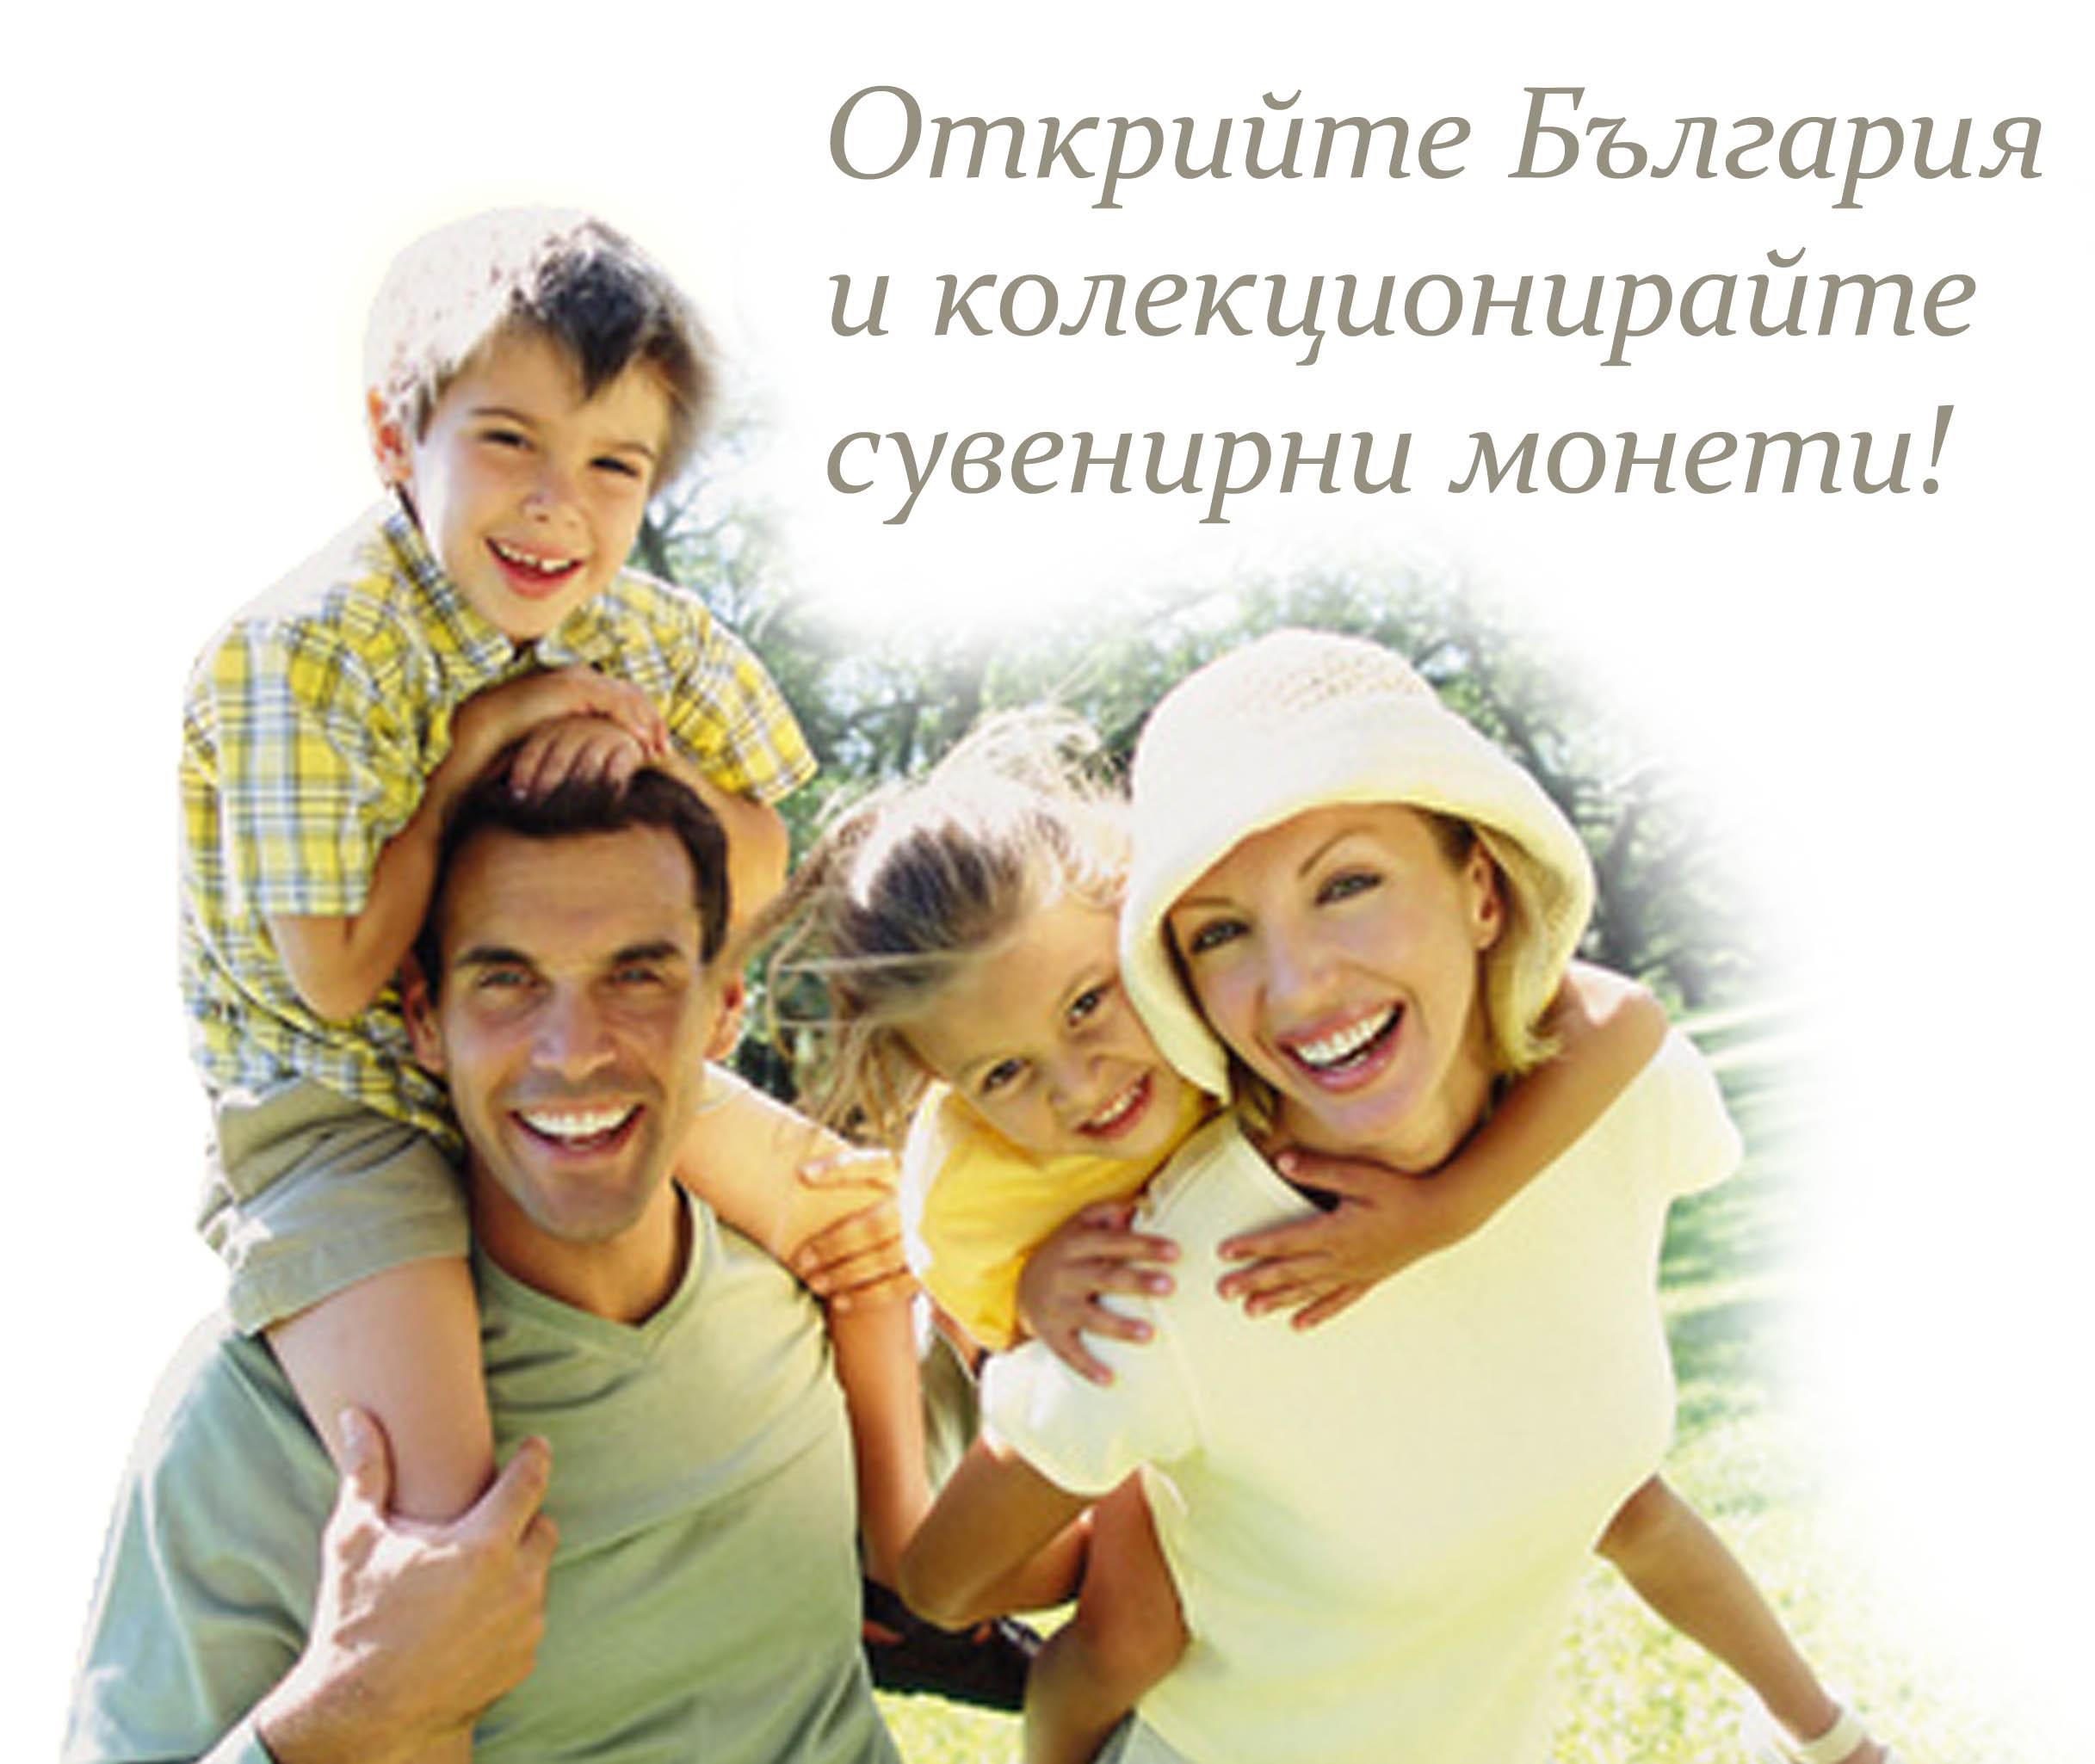 Открийте България и колекционирайте сувенирни монети